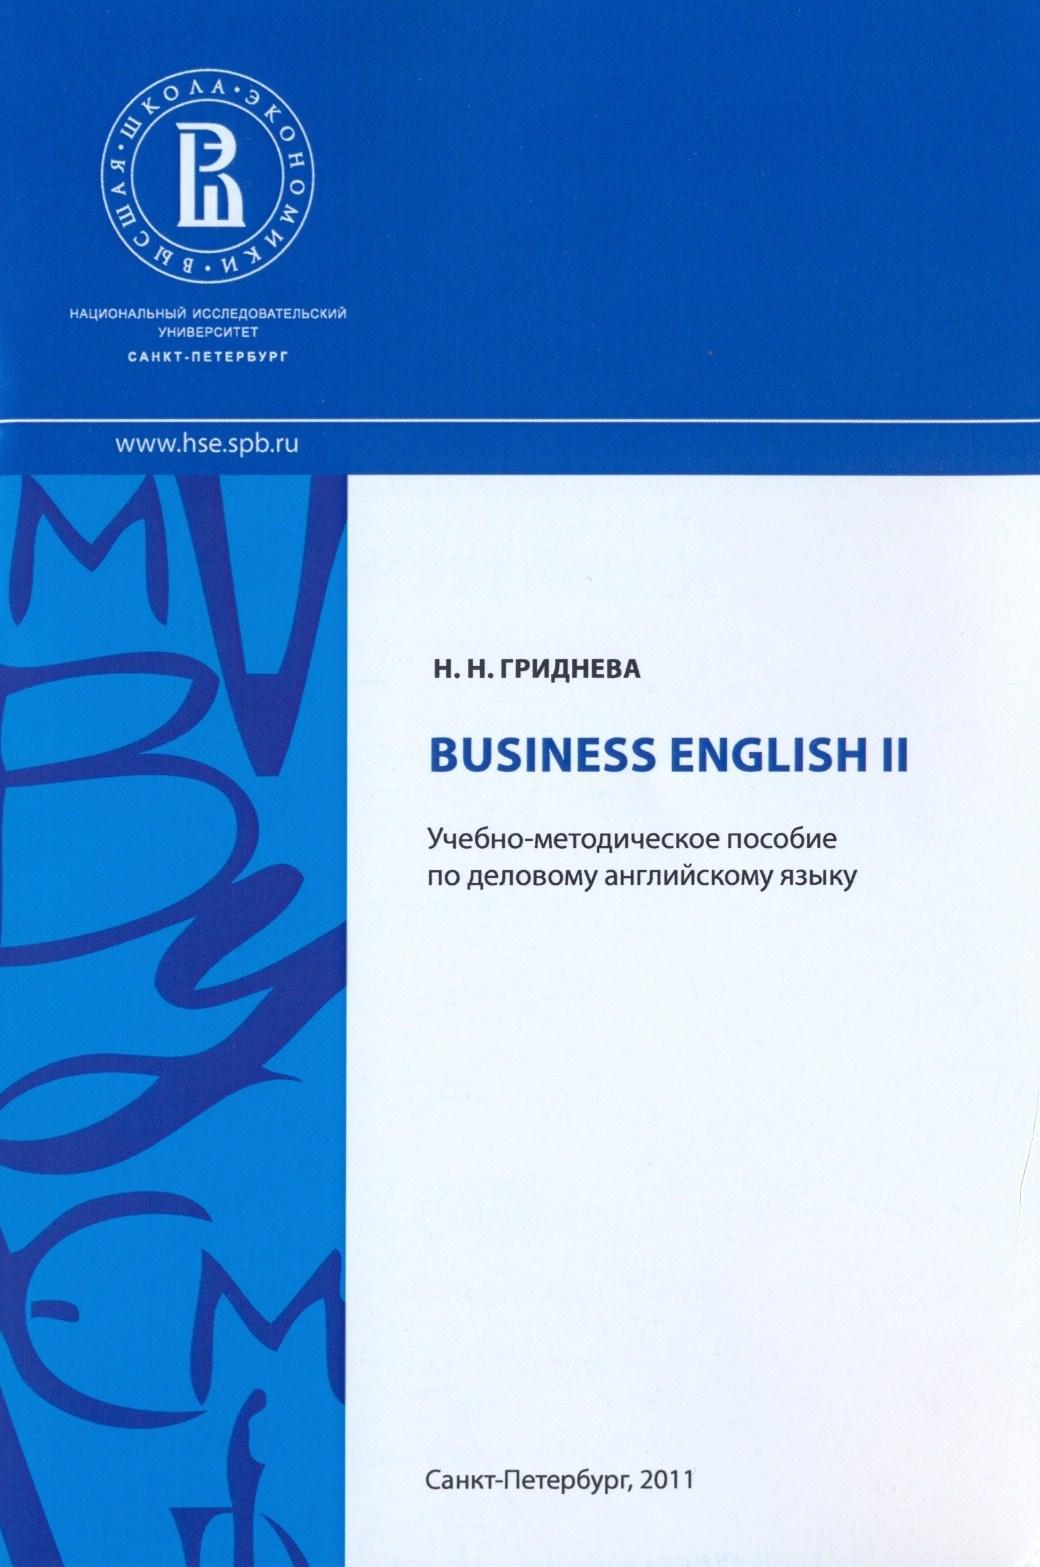 Business English II: учебно-методическое пособие по деловому английскому языку